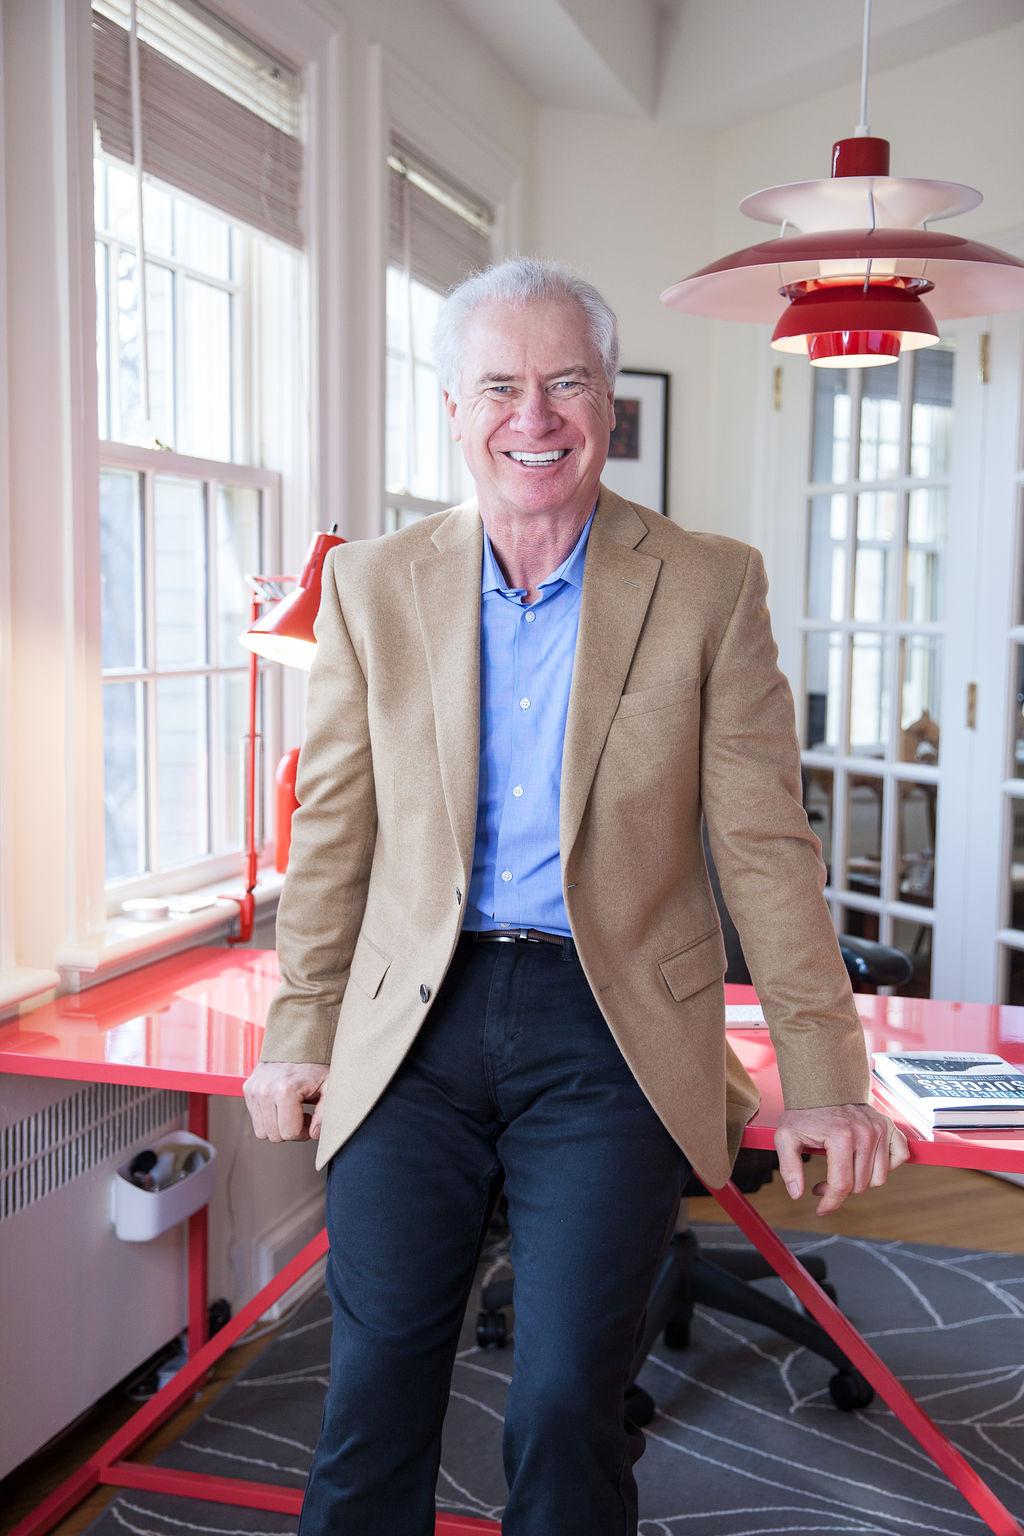 Growth consultant Les McKeown